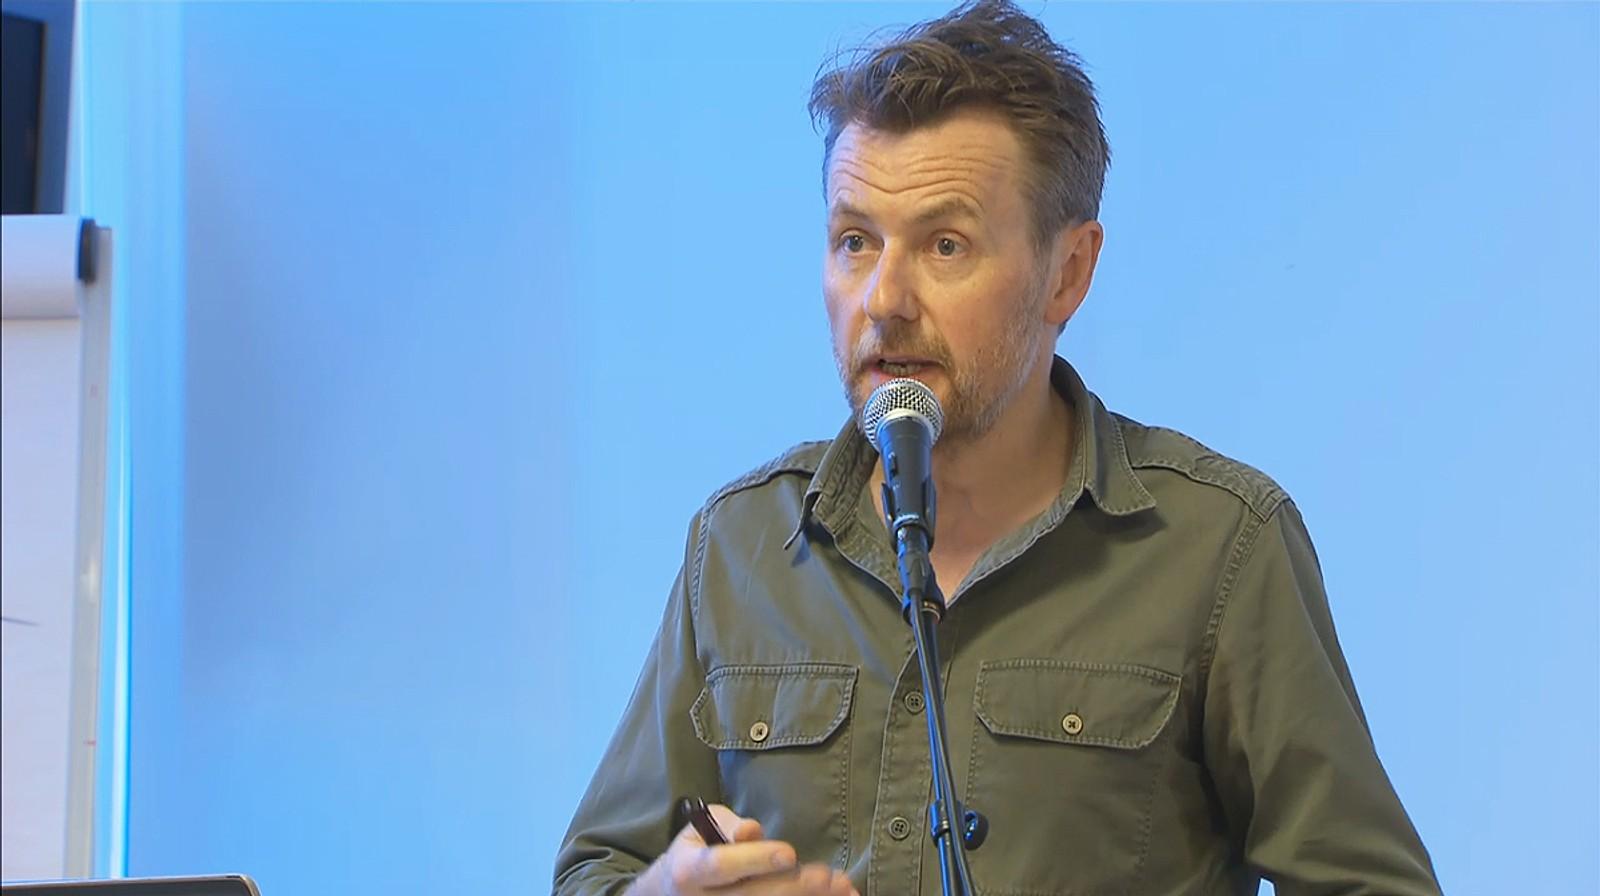 Utidig oppførsel: Fredrik Skavlan måtte forsvare seg i Kringkastingsrådet i 2015. Hans intervju med Jimmie Åkesson utløste klagestorm og ny debatt om rådets eksistens.